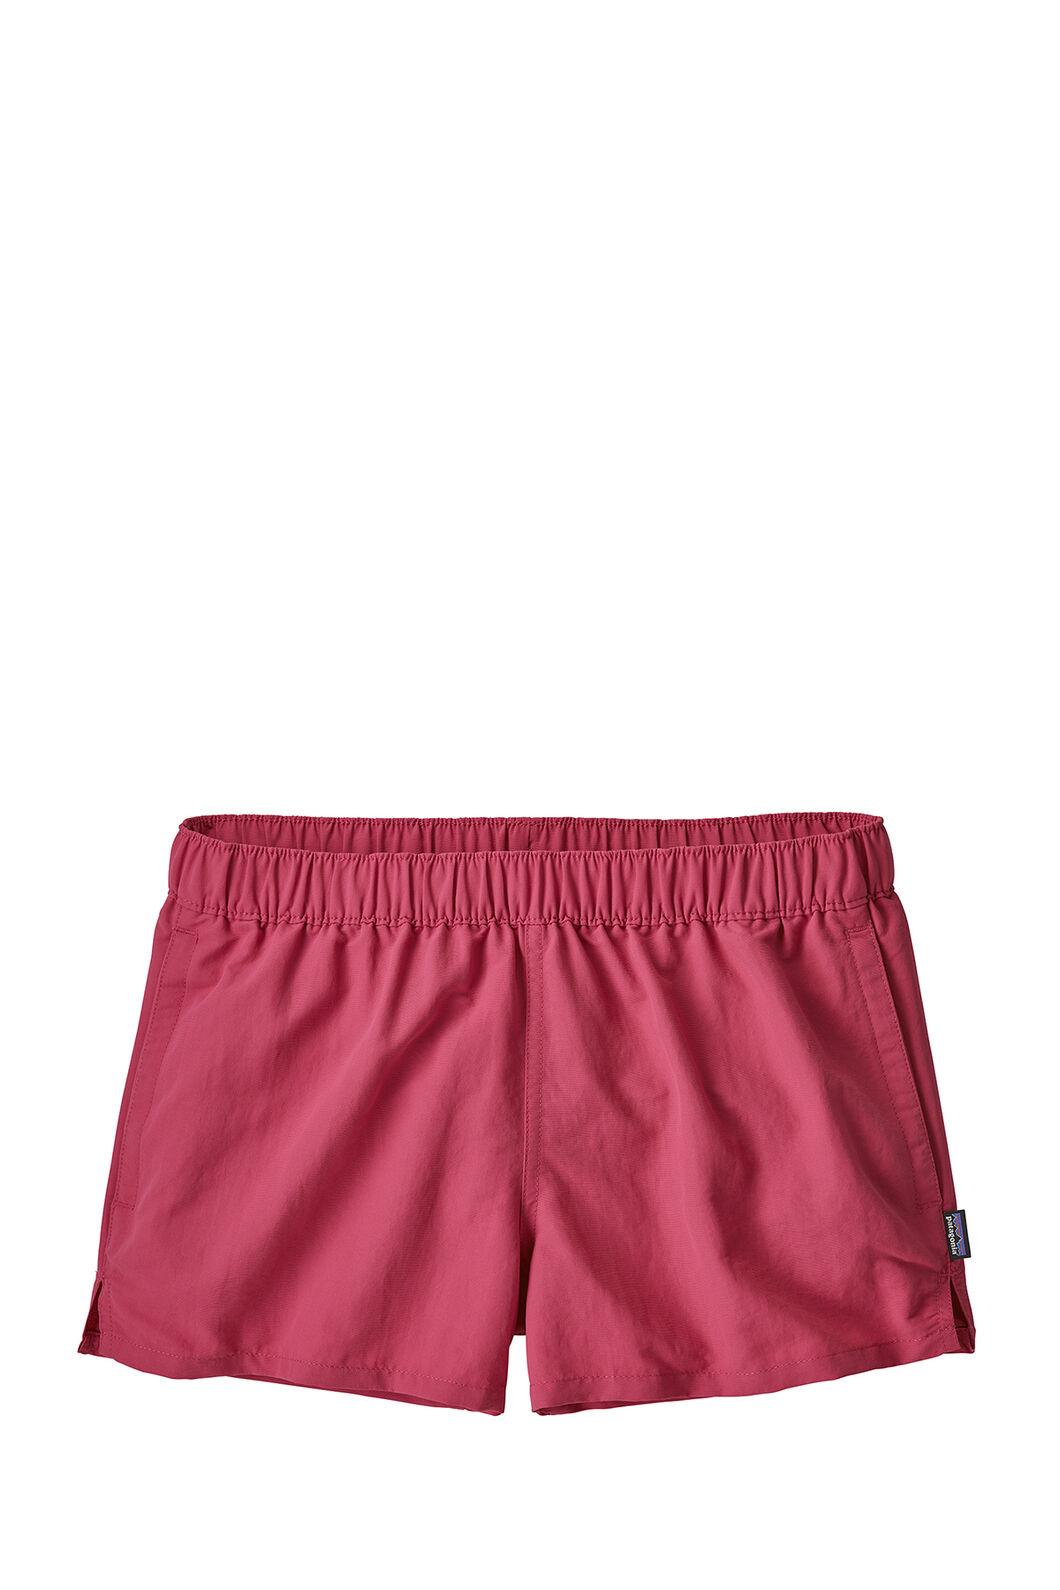 Patagonia Barely Baggies Shorts — Women's, Reef Pink, hi-res